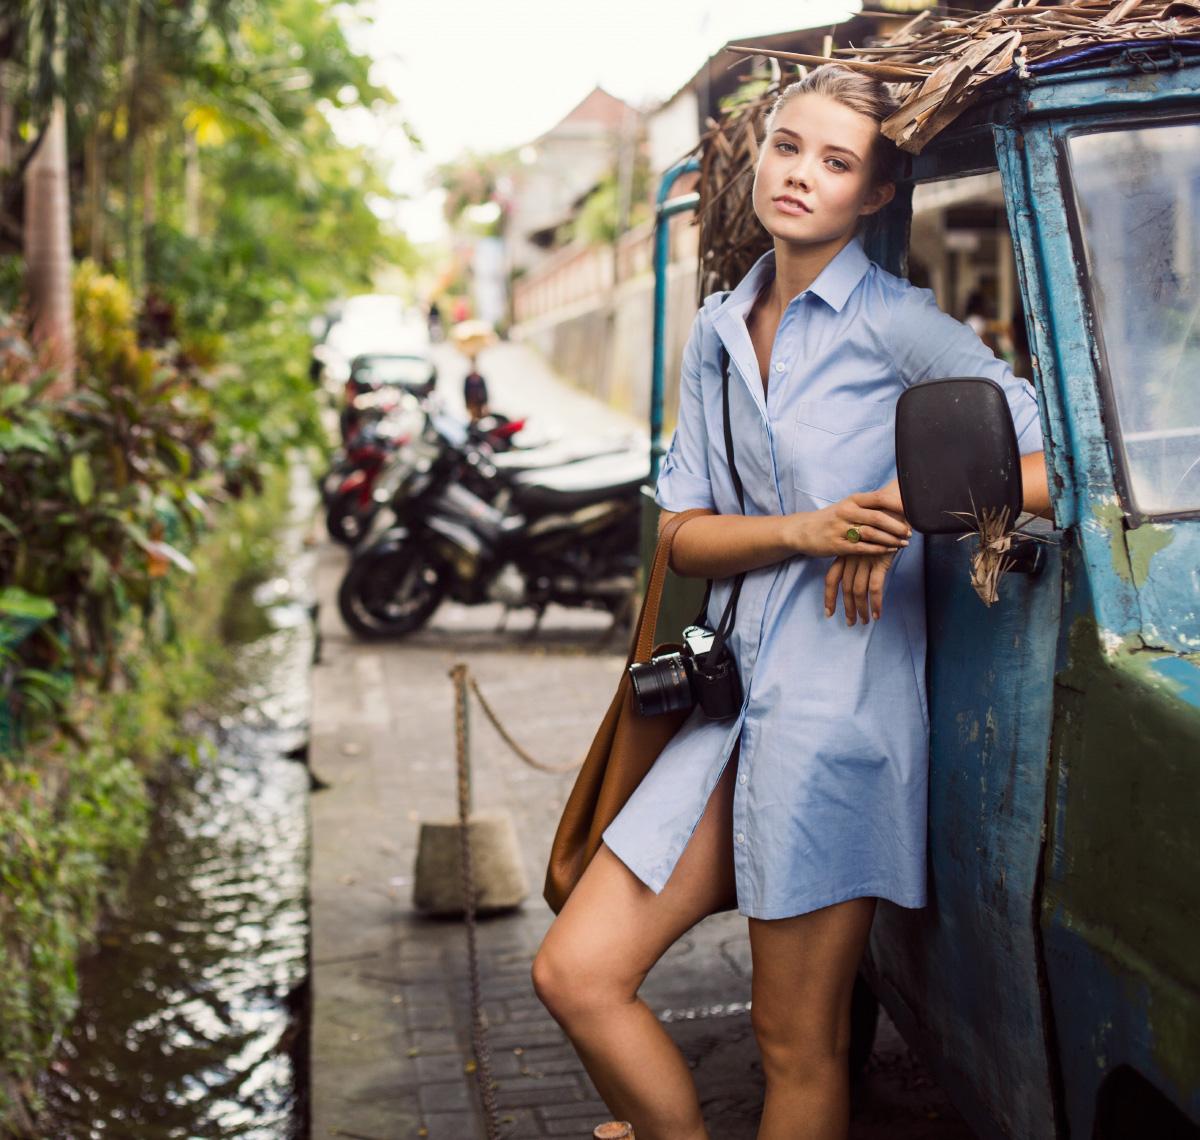 Cuyana_Bali_Culture_012